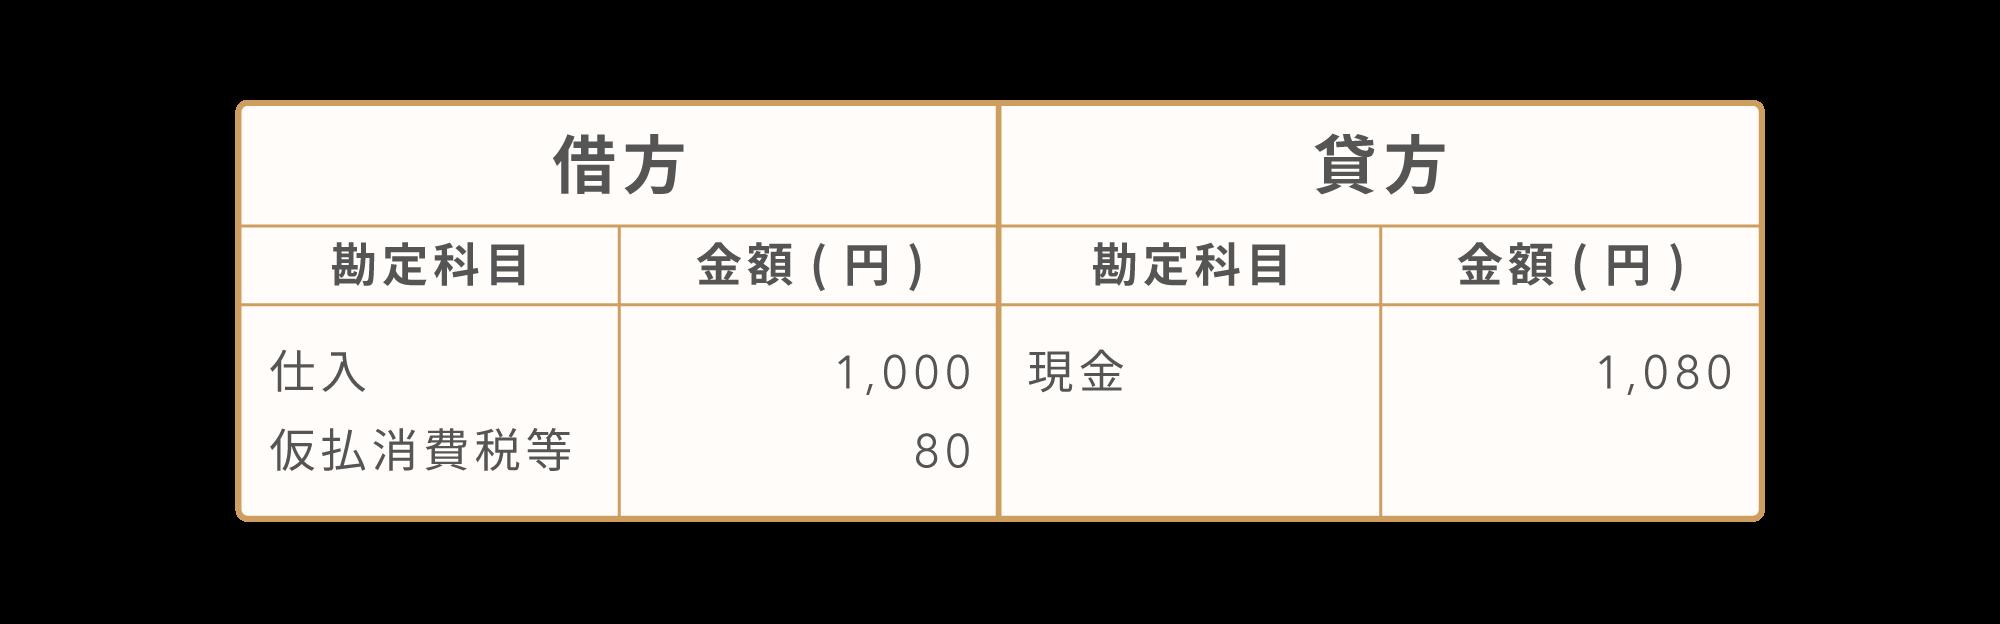 税抜経理方式の場合[借方:仕入1,000円+仮払消費税等80円 貸方:現金1,080円]